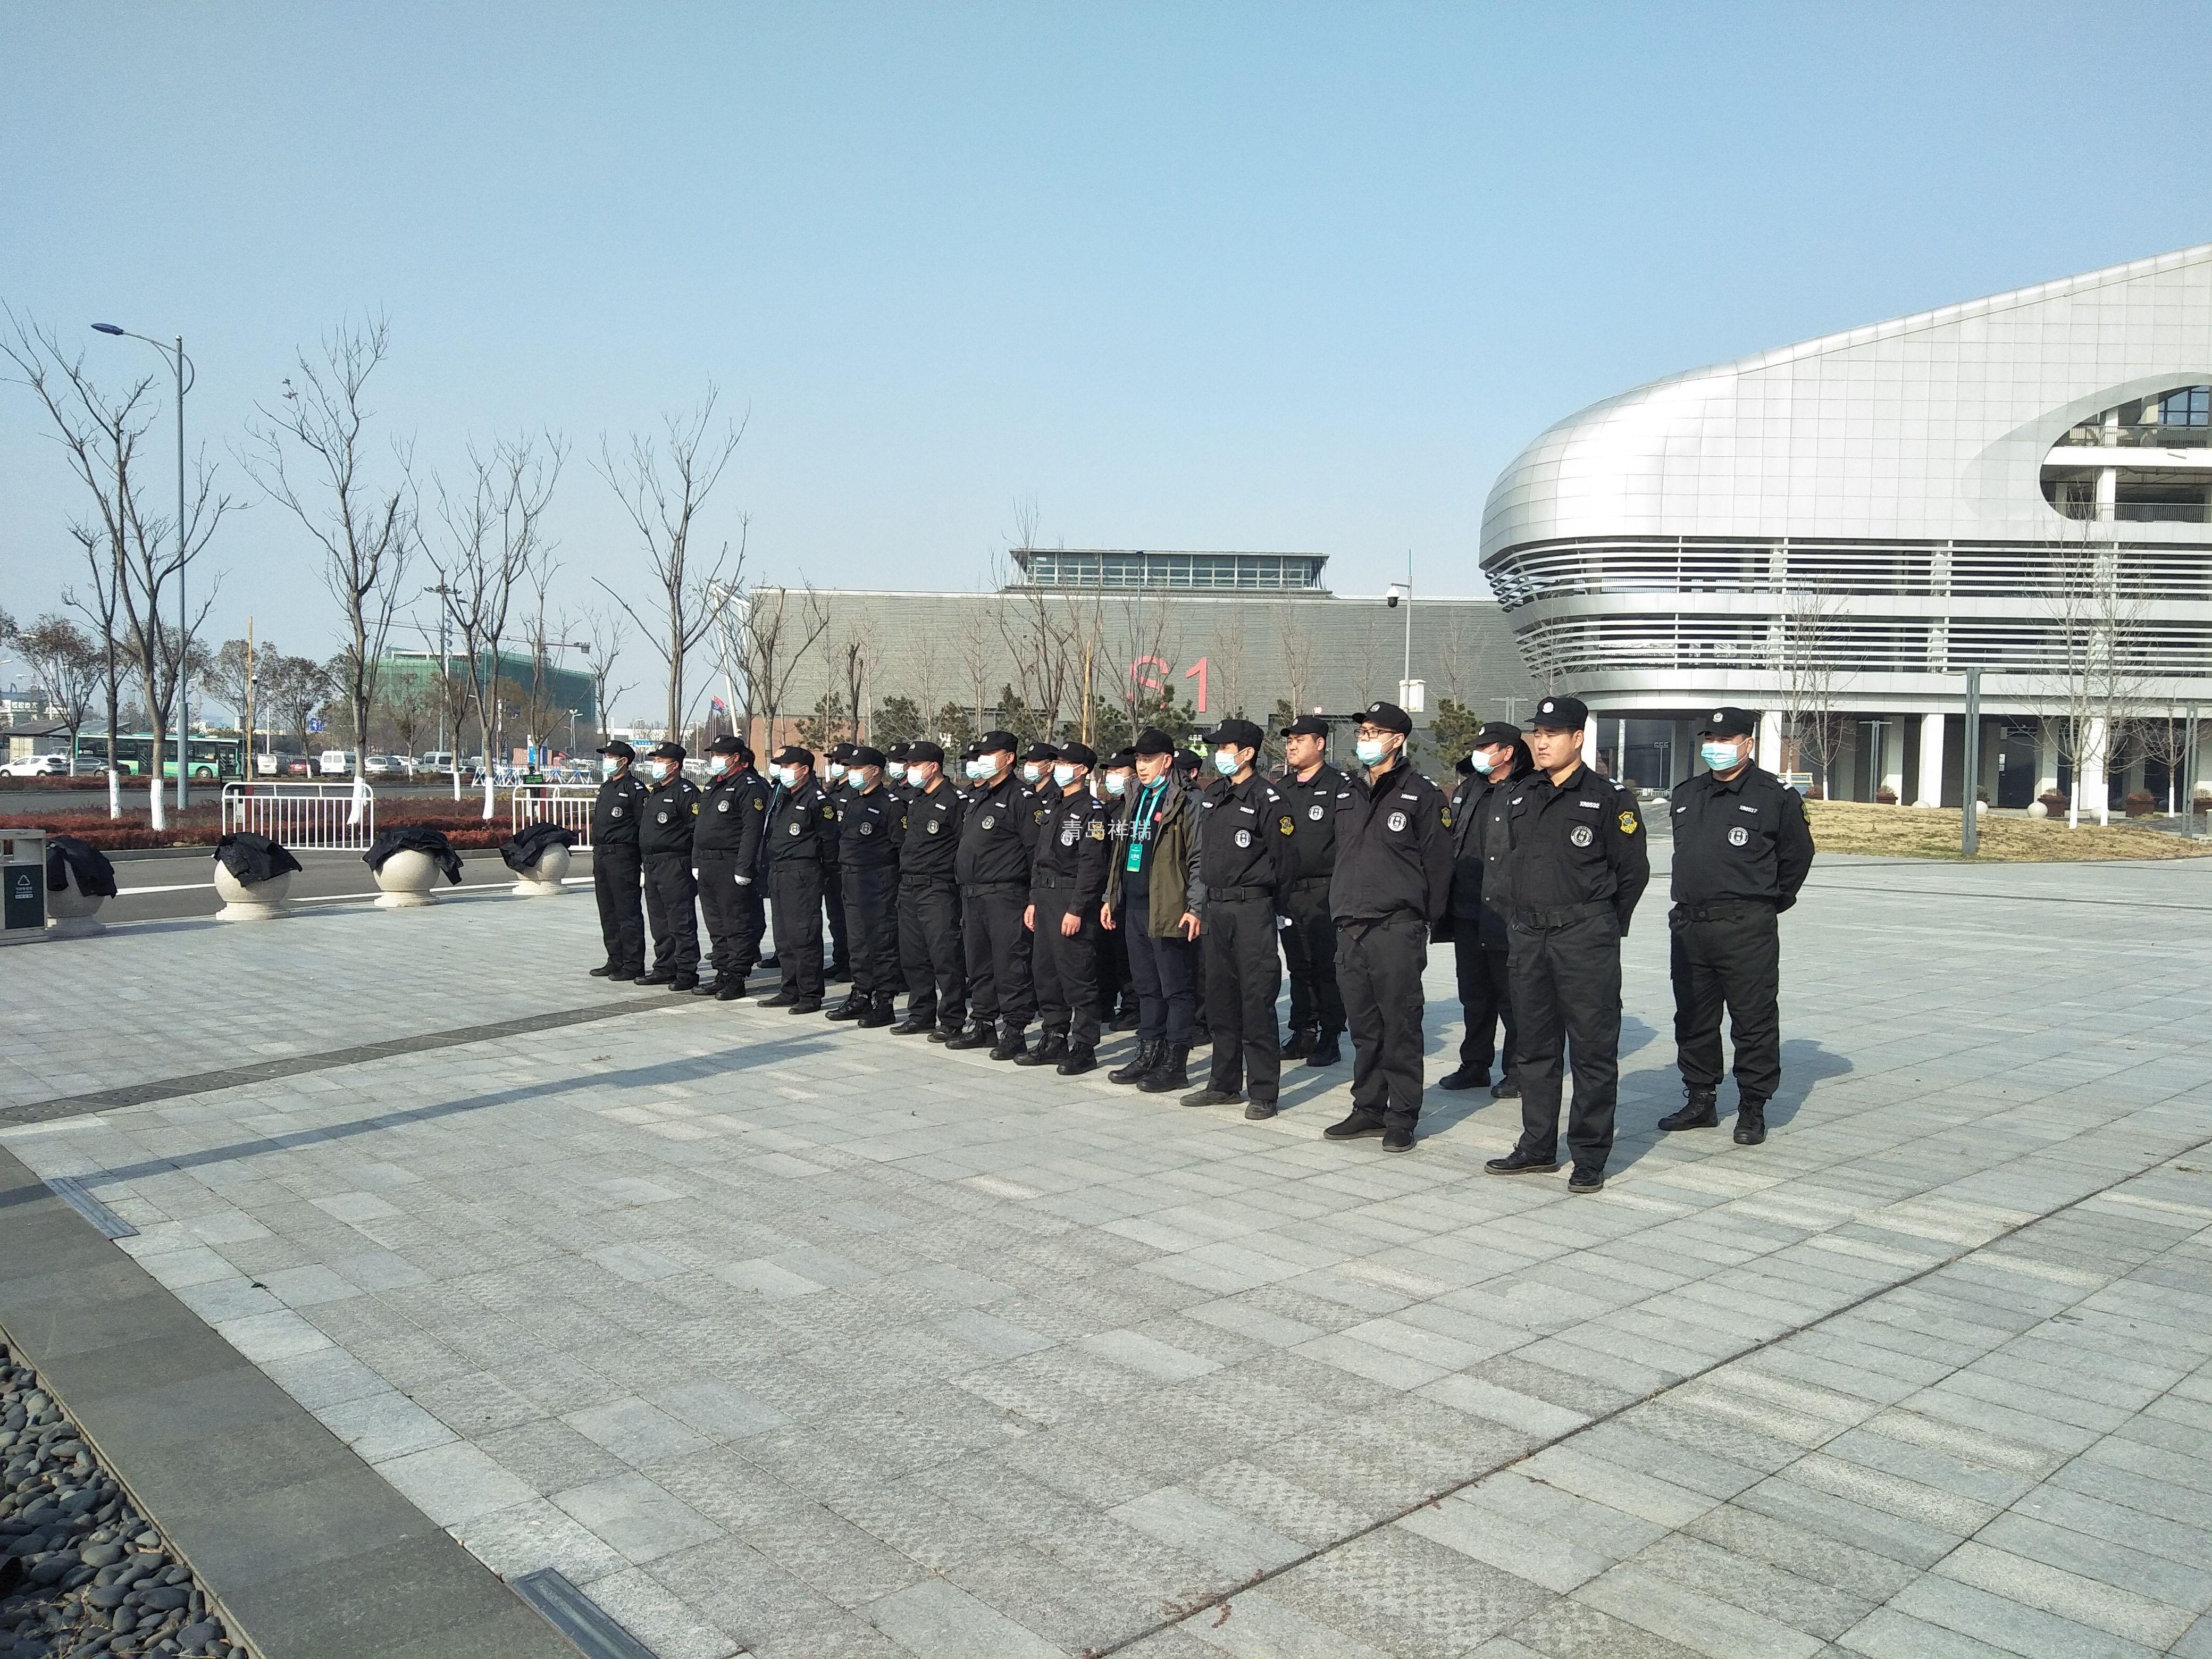 青岛保安公司 为《乡村振兴齐鲁论坛2020会议》安保执勤